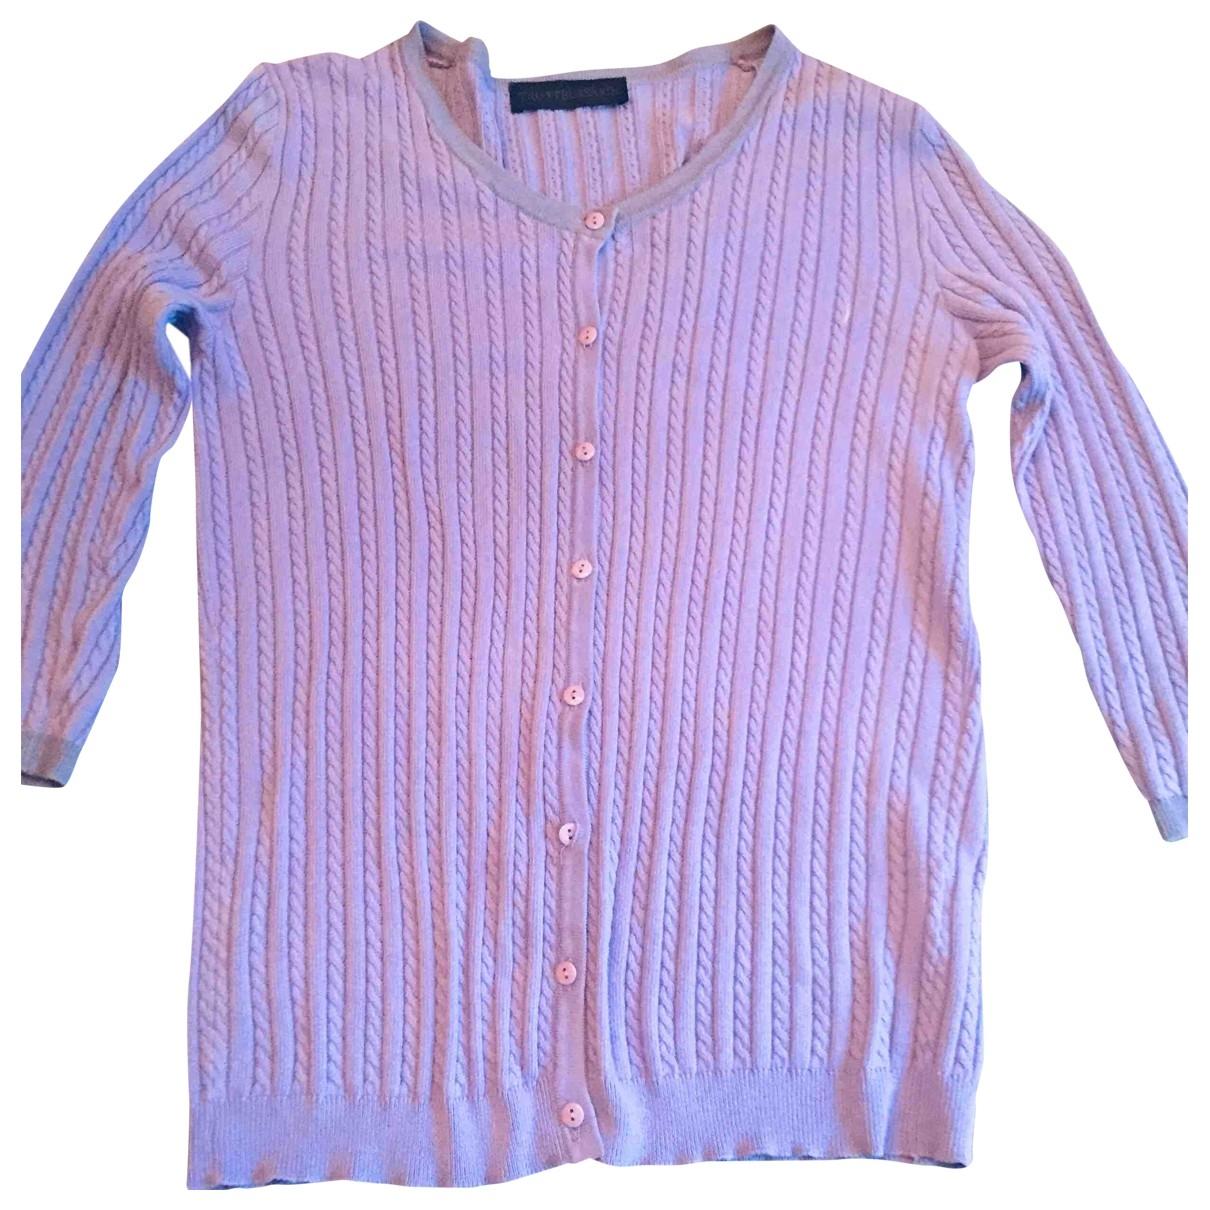 Trussardi N Purple Cotton Knitwear for Women M International